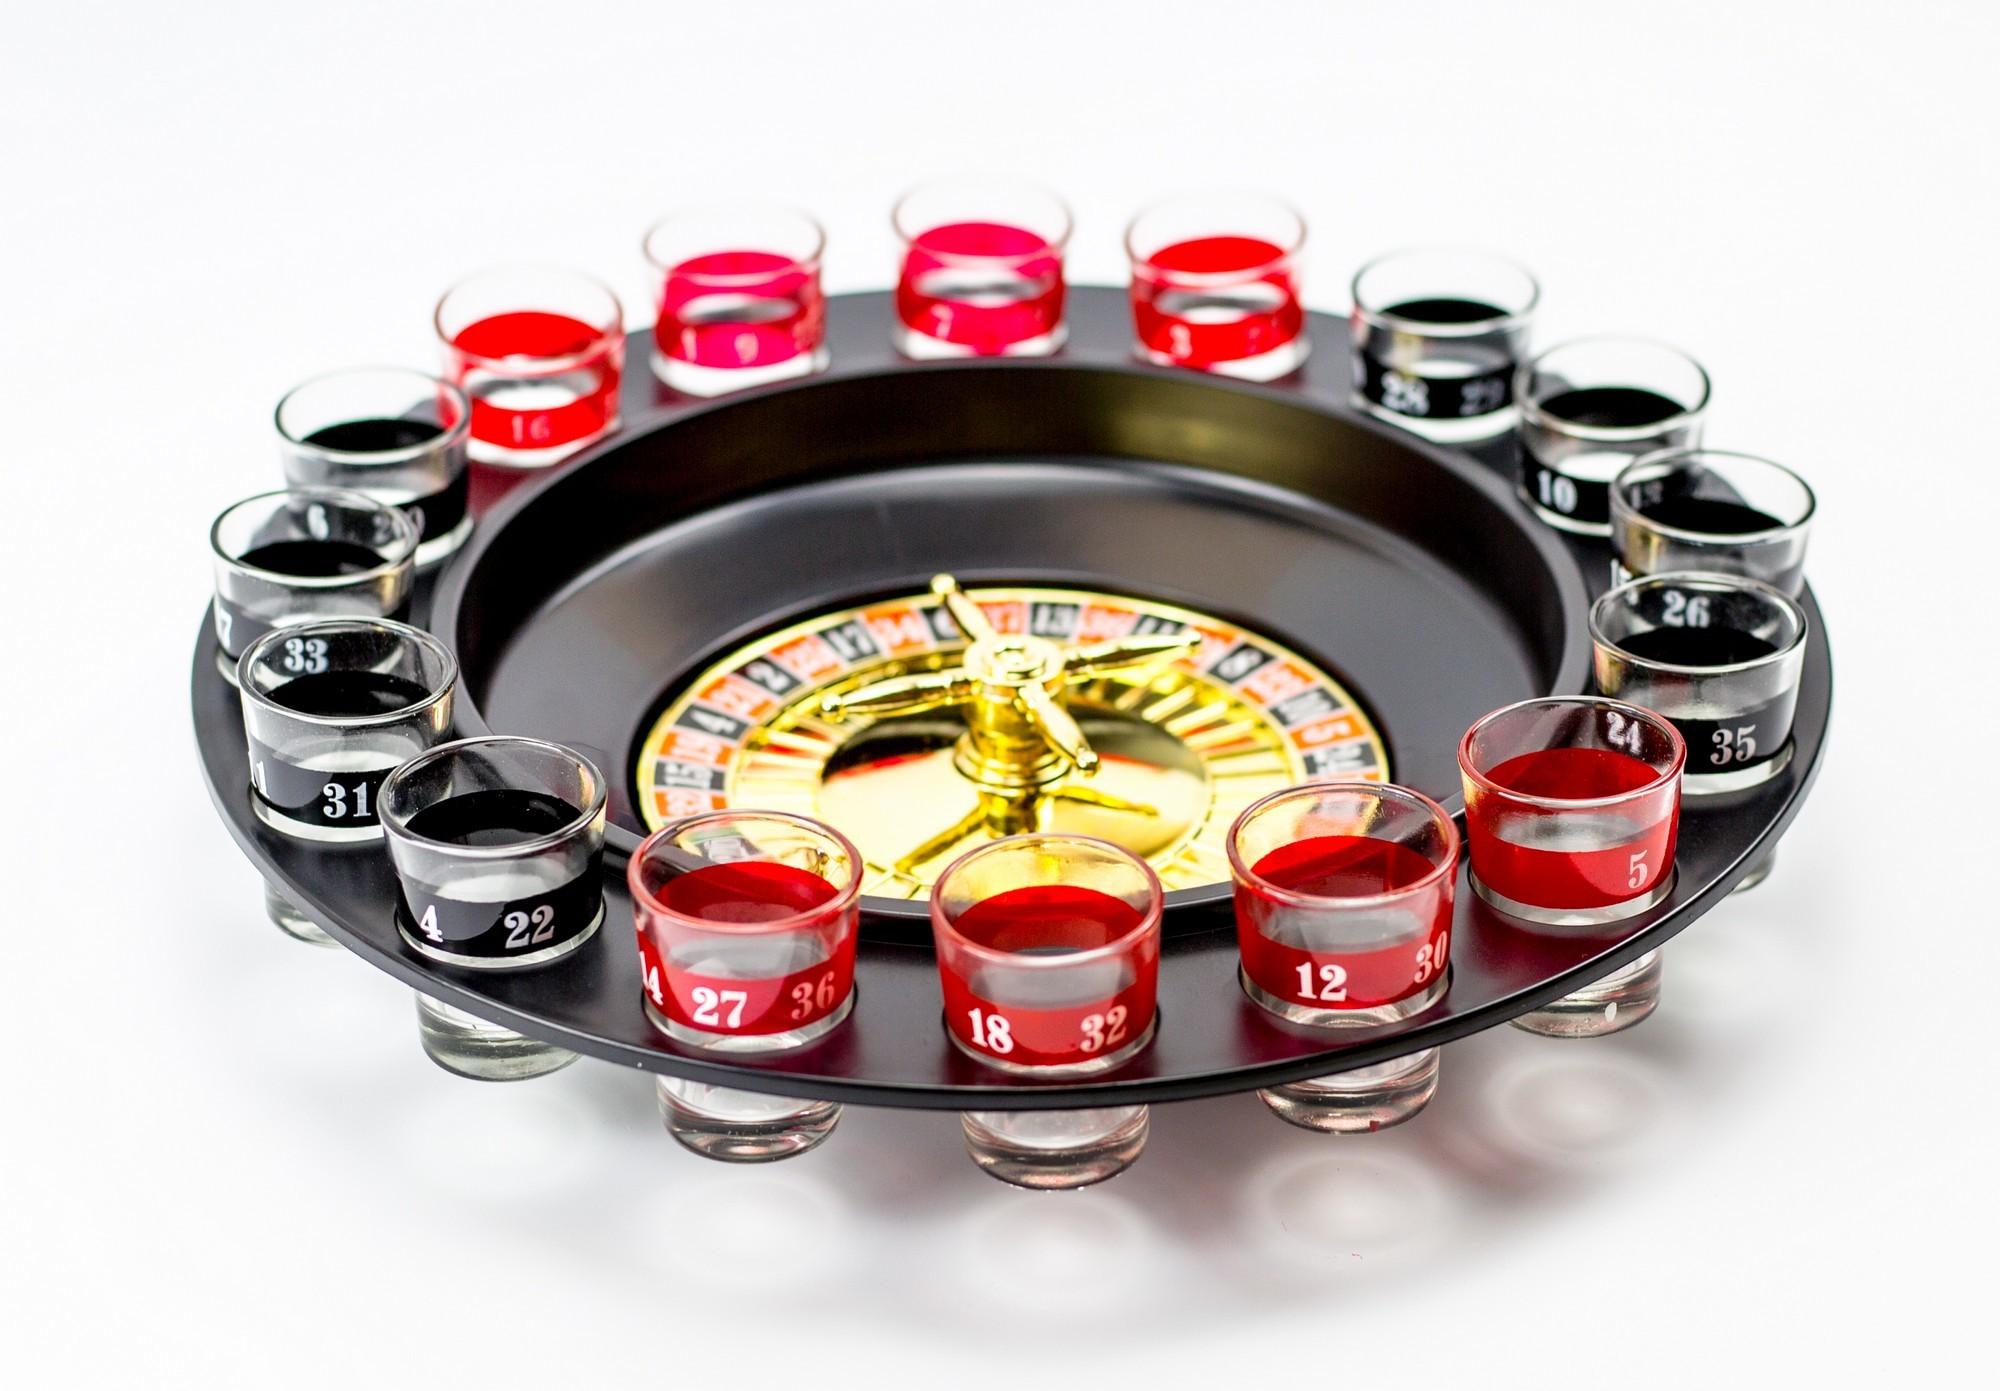 Игра алко игра рулетка интернет казино с минимальными ставками на гривны